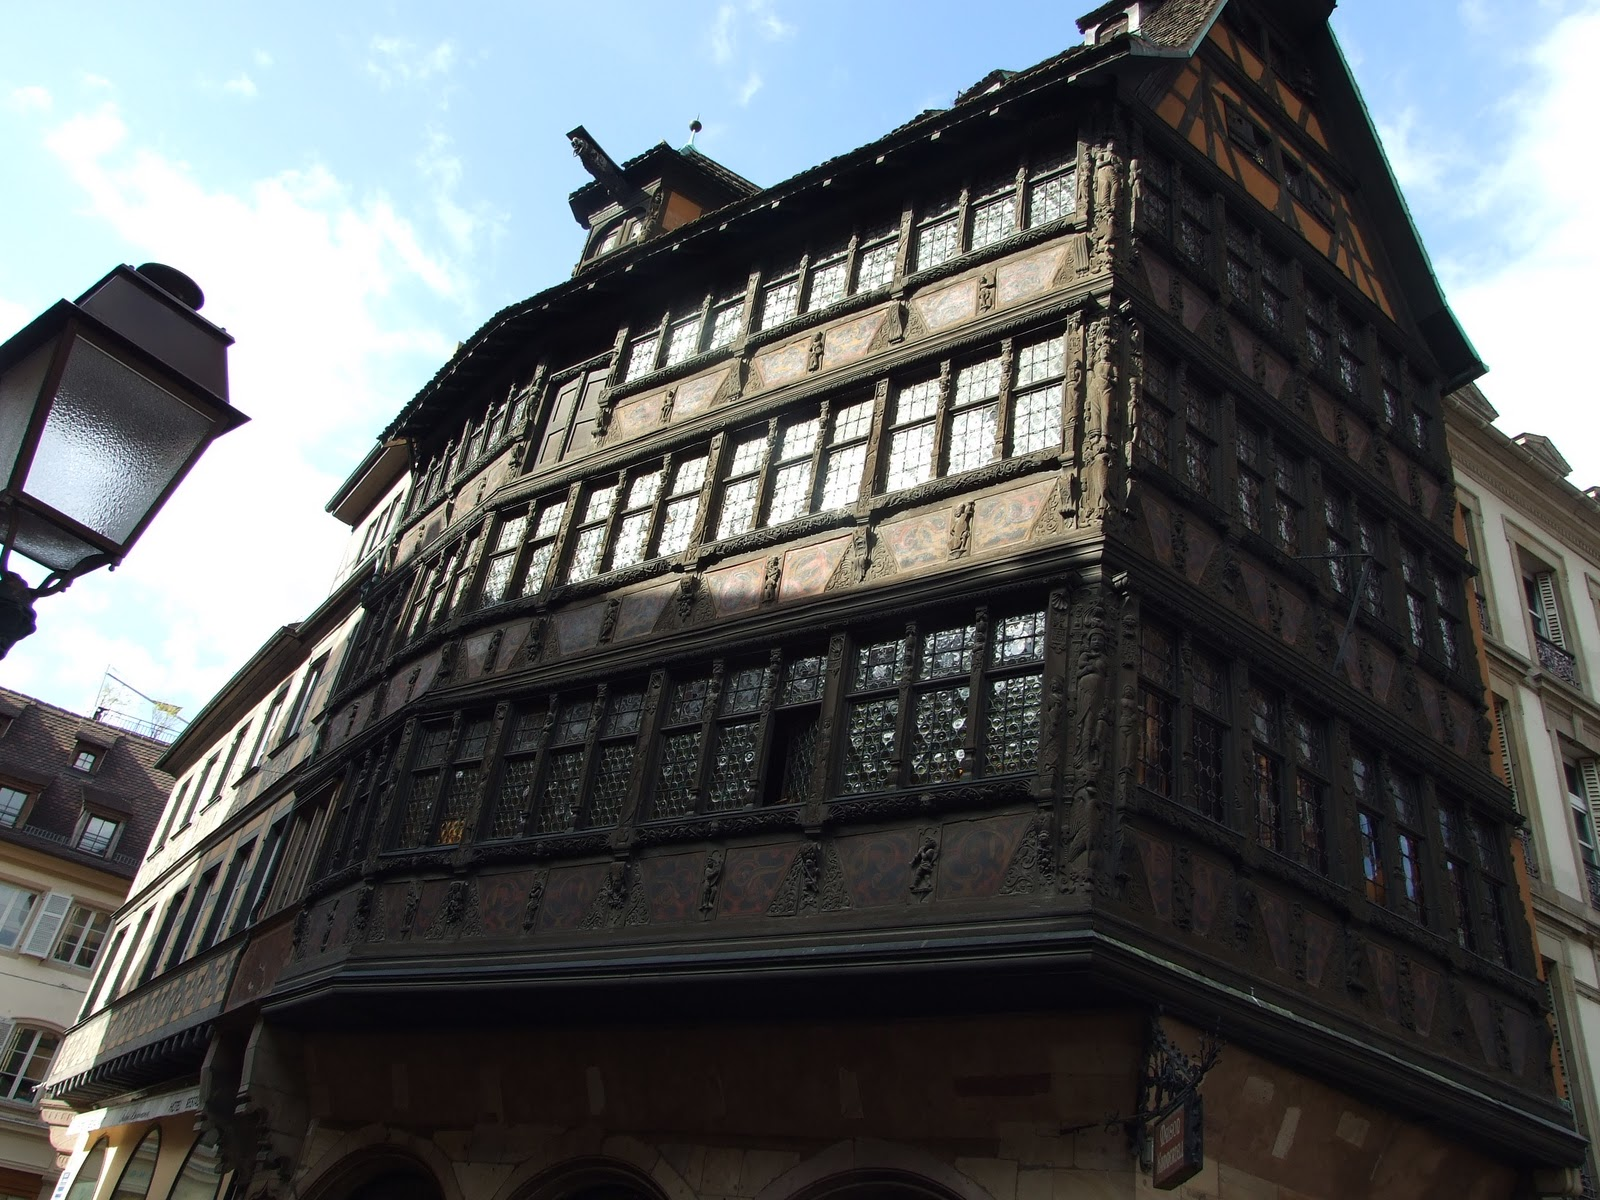 Architecture photos strasbourg alsace region france for Strasbourg architecture